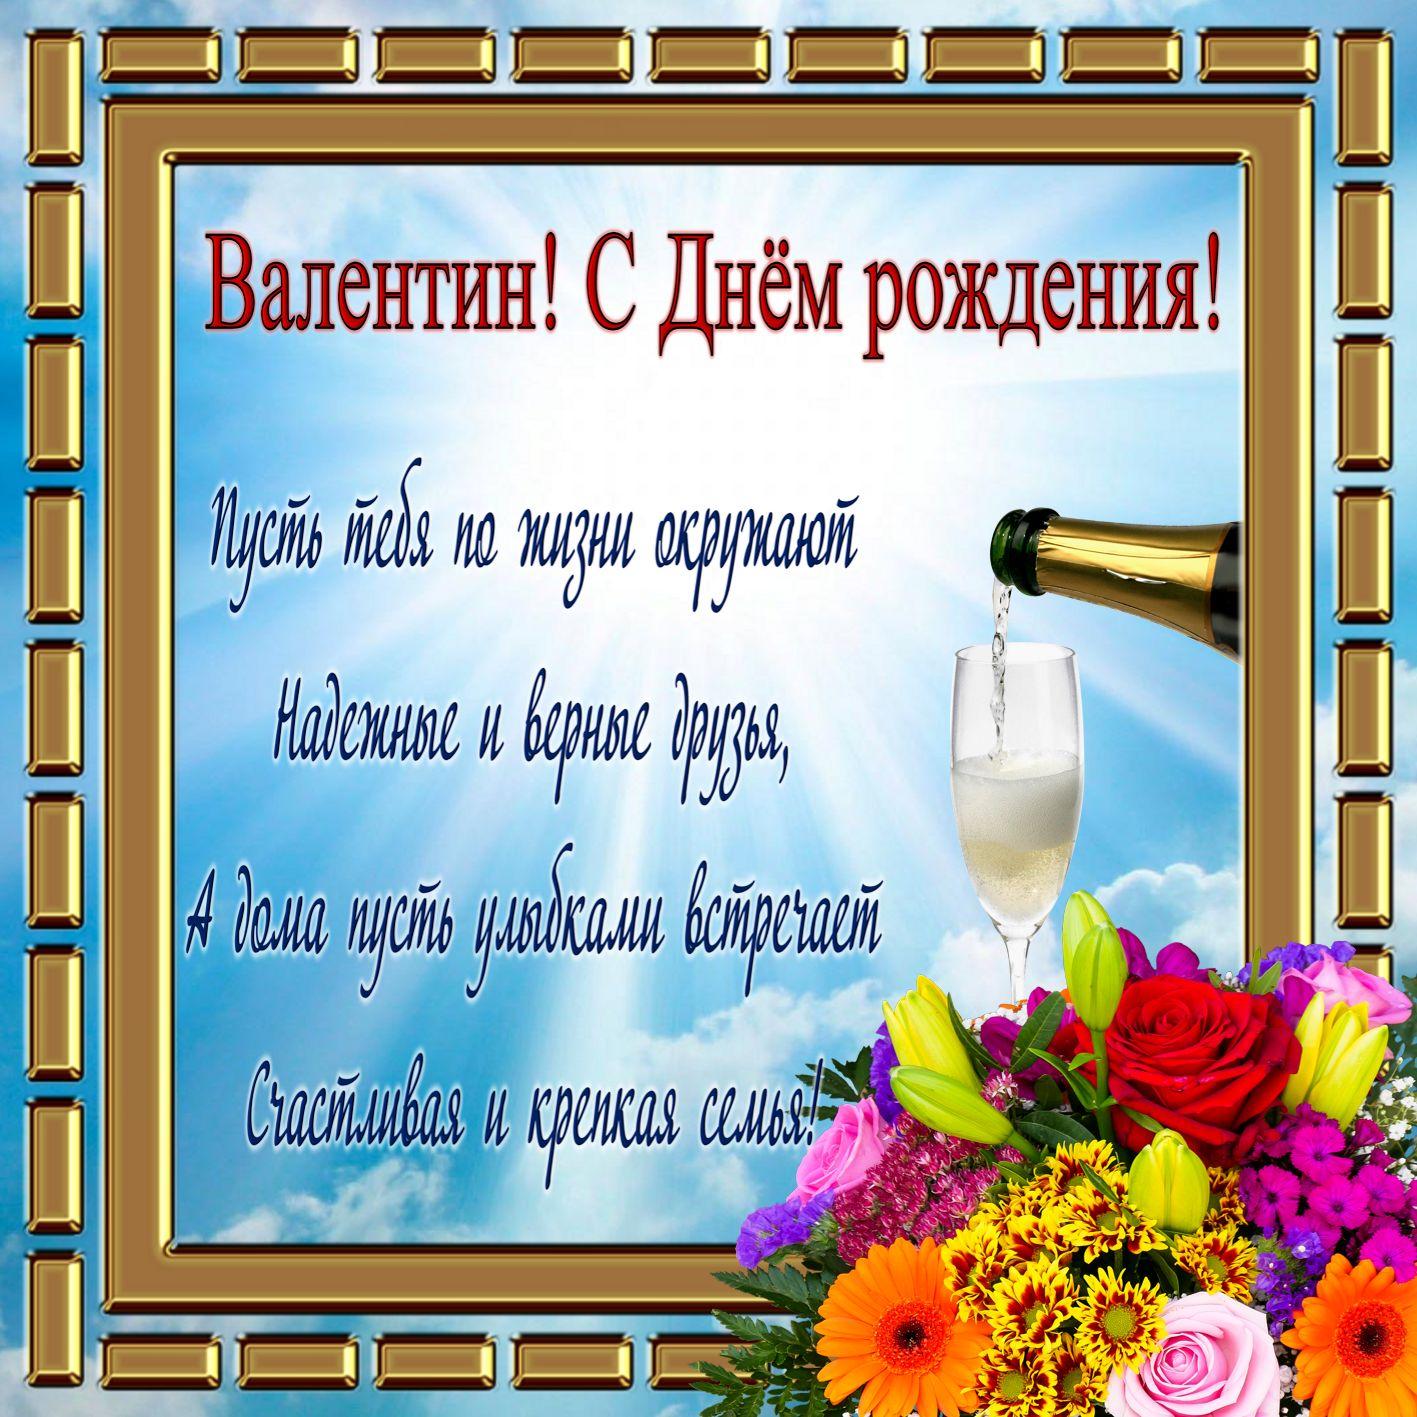 Открытка с цветами в золотой рамочке на День рождения Валентину